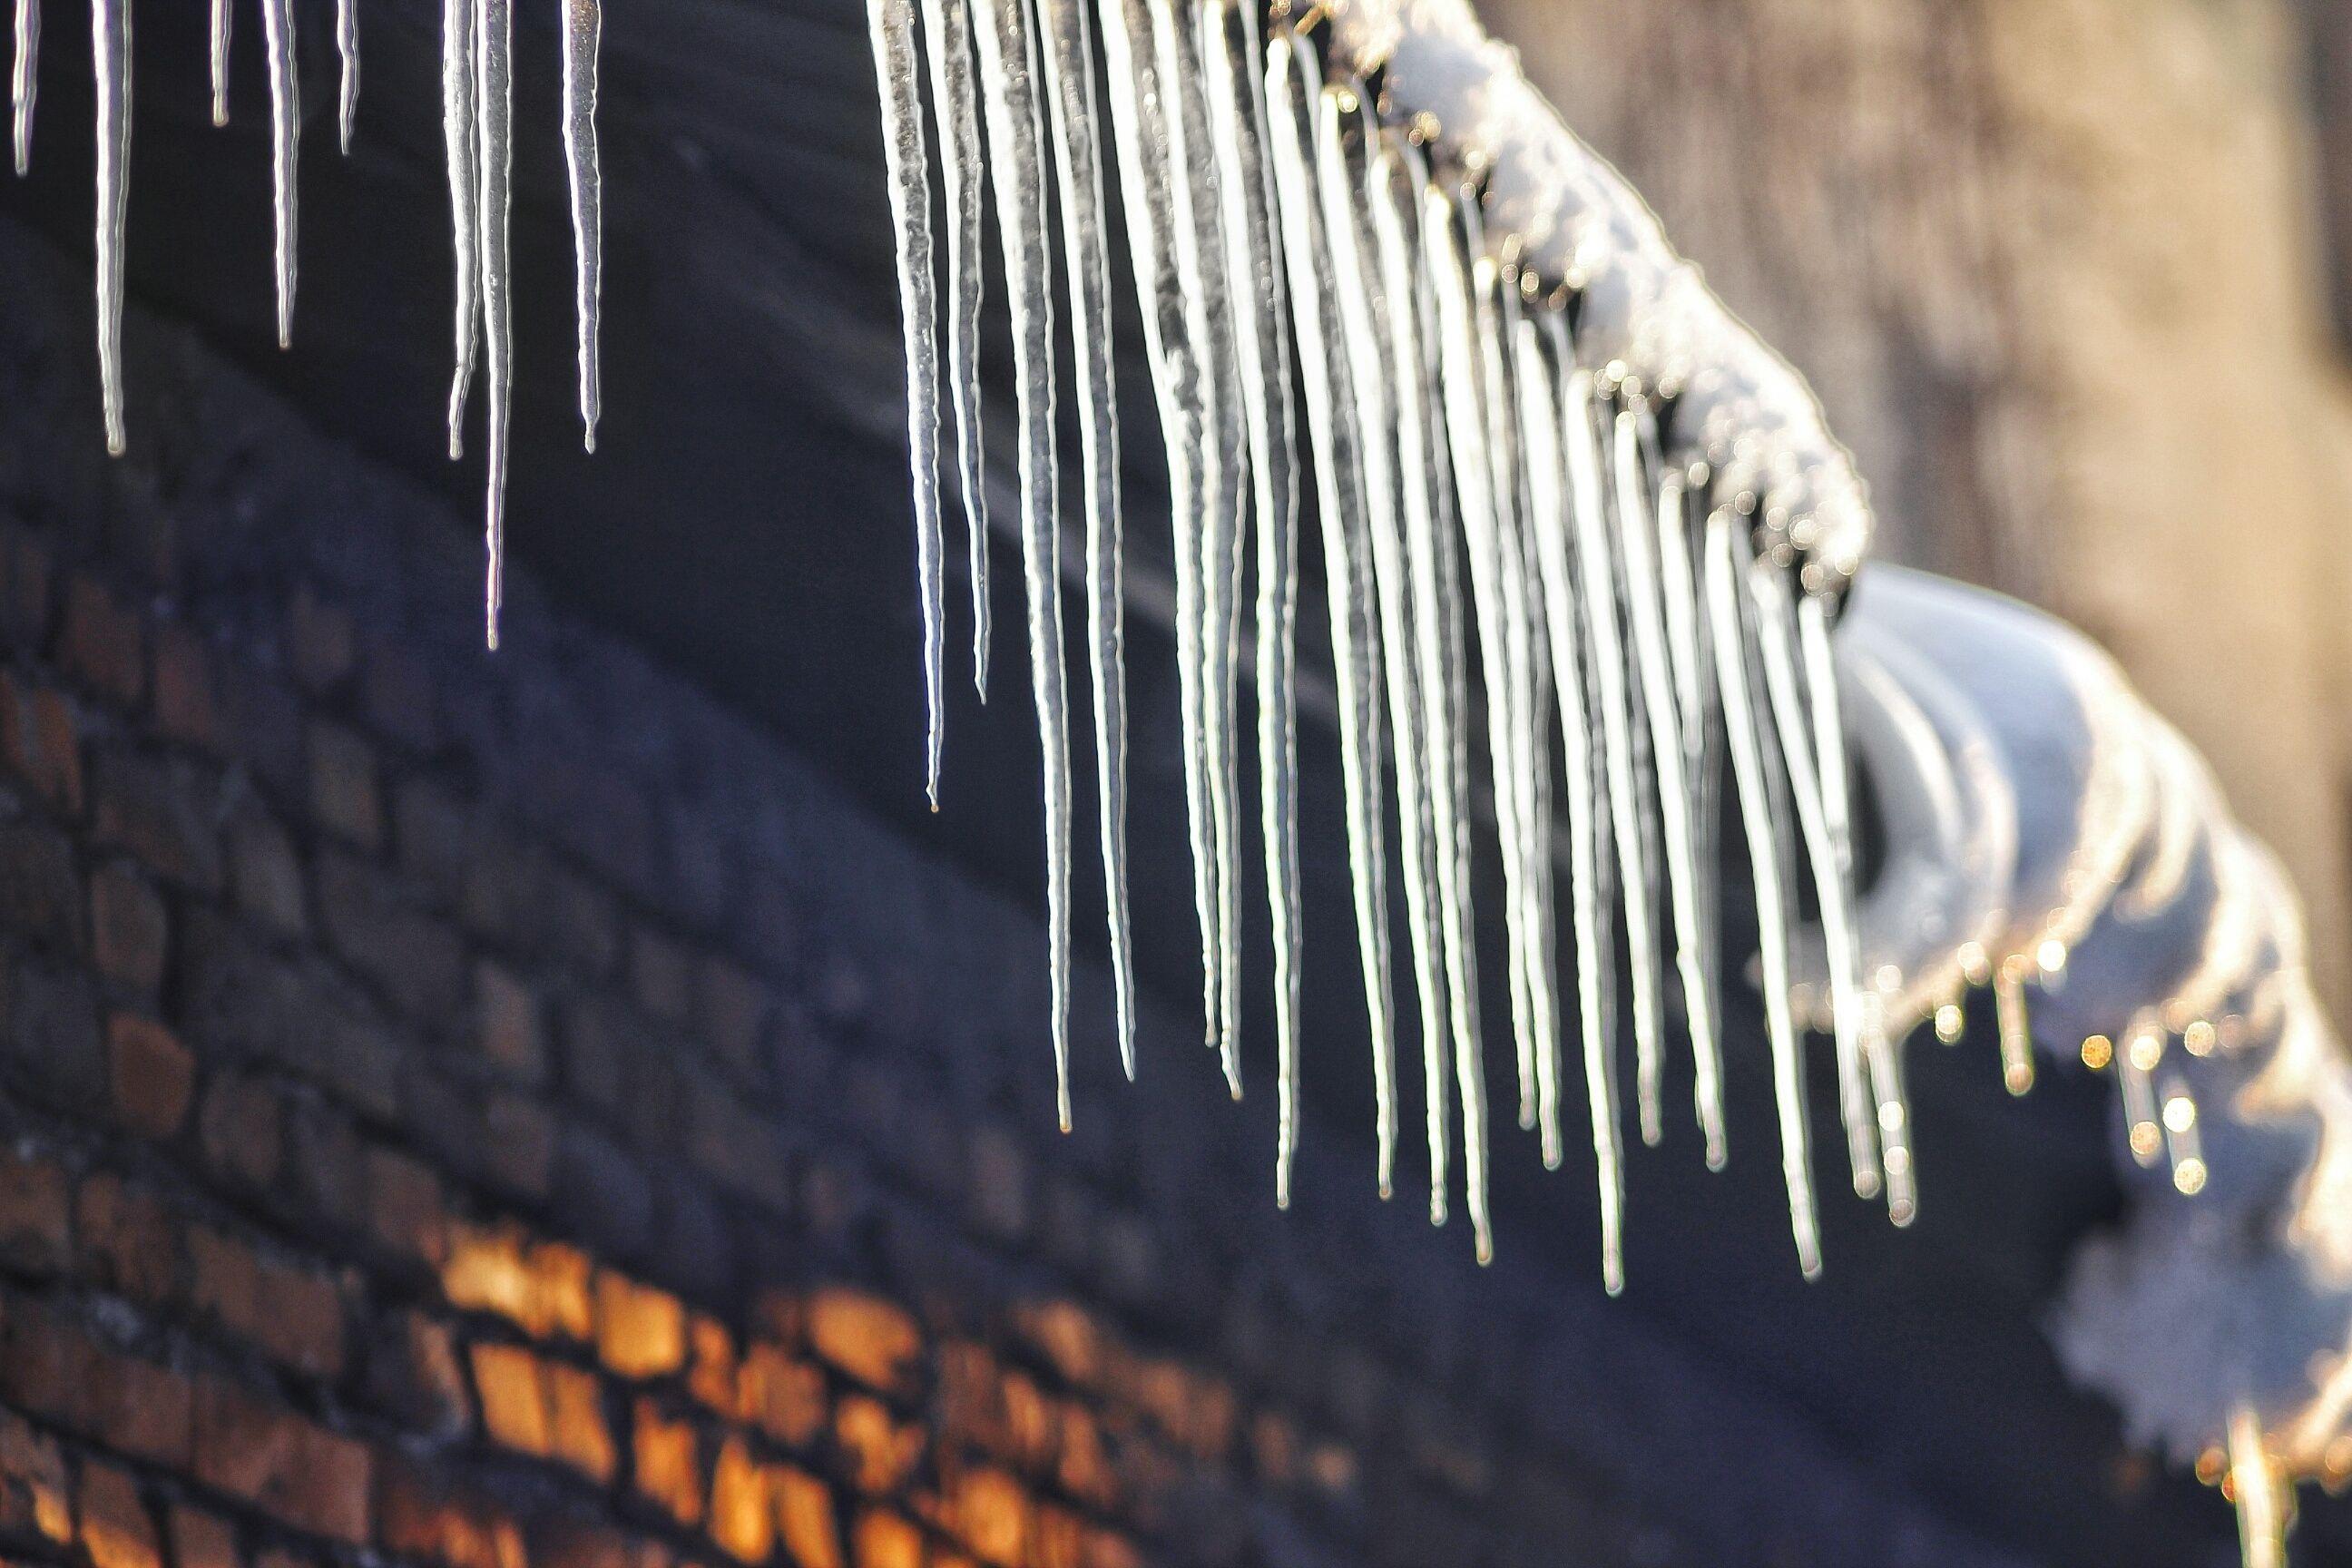 Installing Roof Gutter Heat Tape